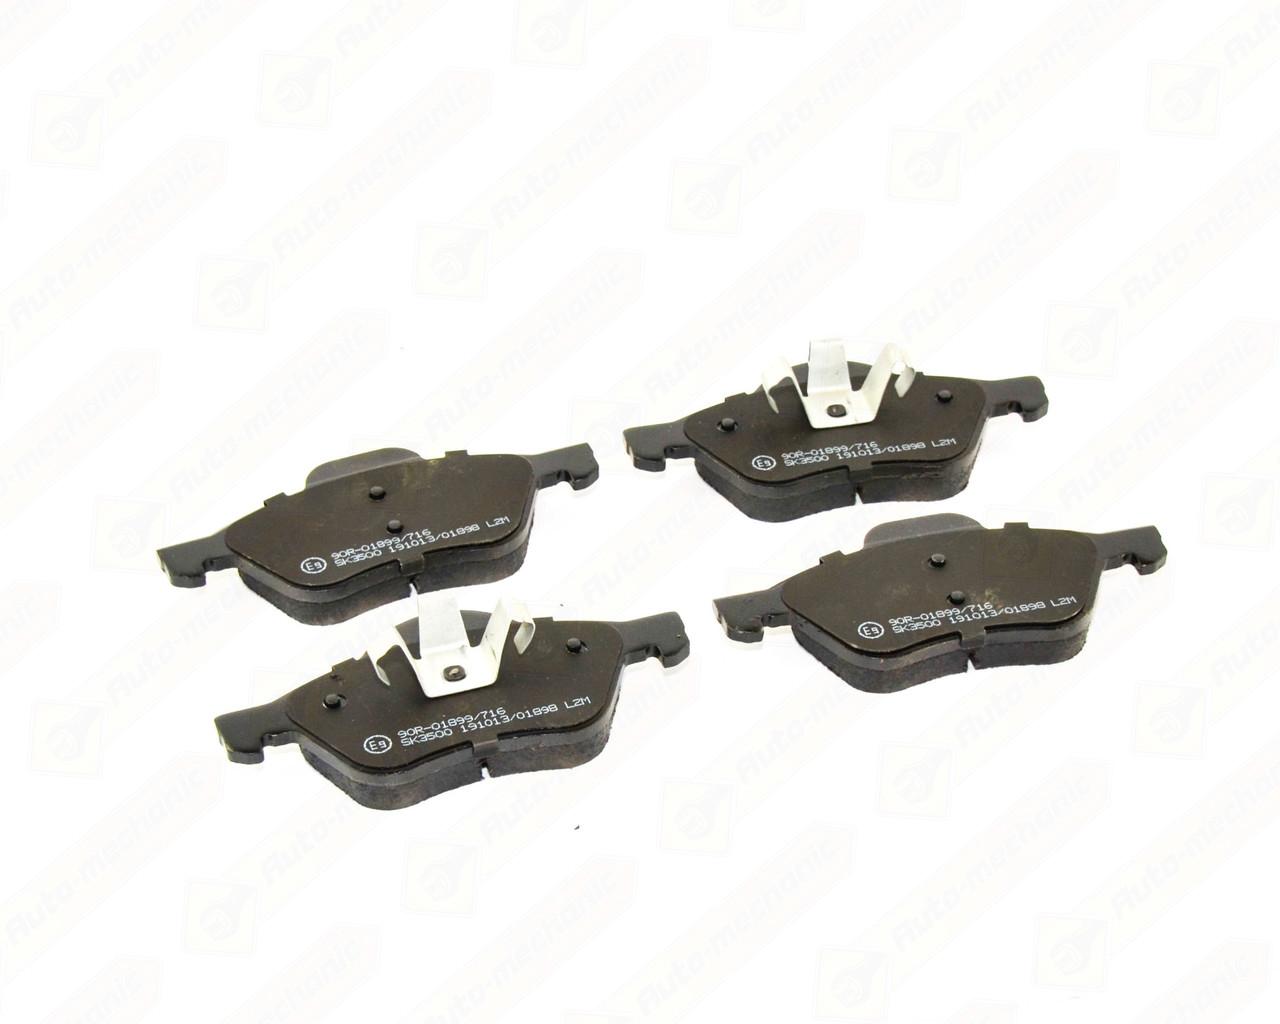 Купить Тормозные колодки, Дисковые тормозные колодки (передние) на Renault Clio III 2005->2012 - LPR - LPR05P1279